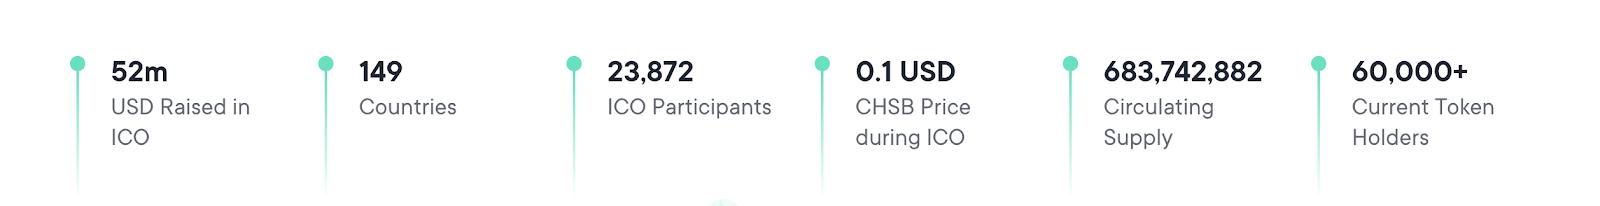 CHSB token ICO statistics